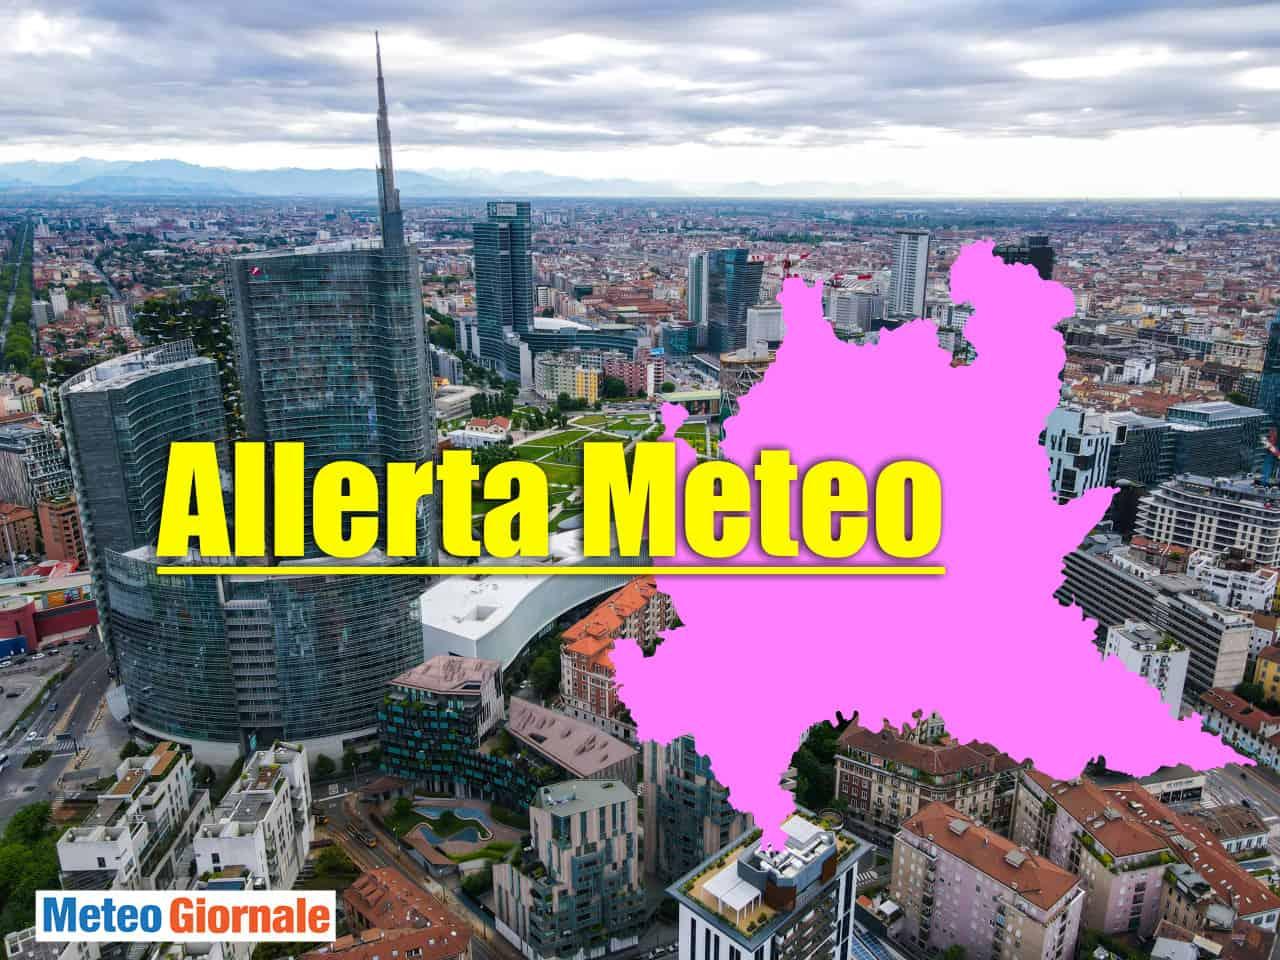 allerta meteo lombardia - Allerta meteo rossa in Lombardia con pioggia, fulmini, grandine e vento